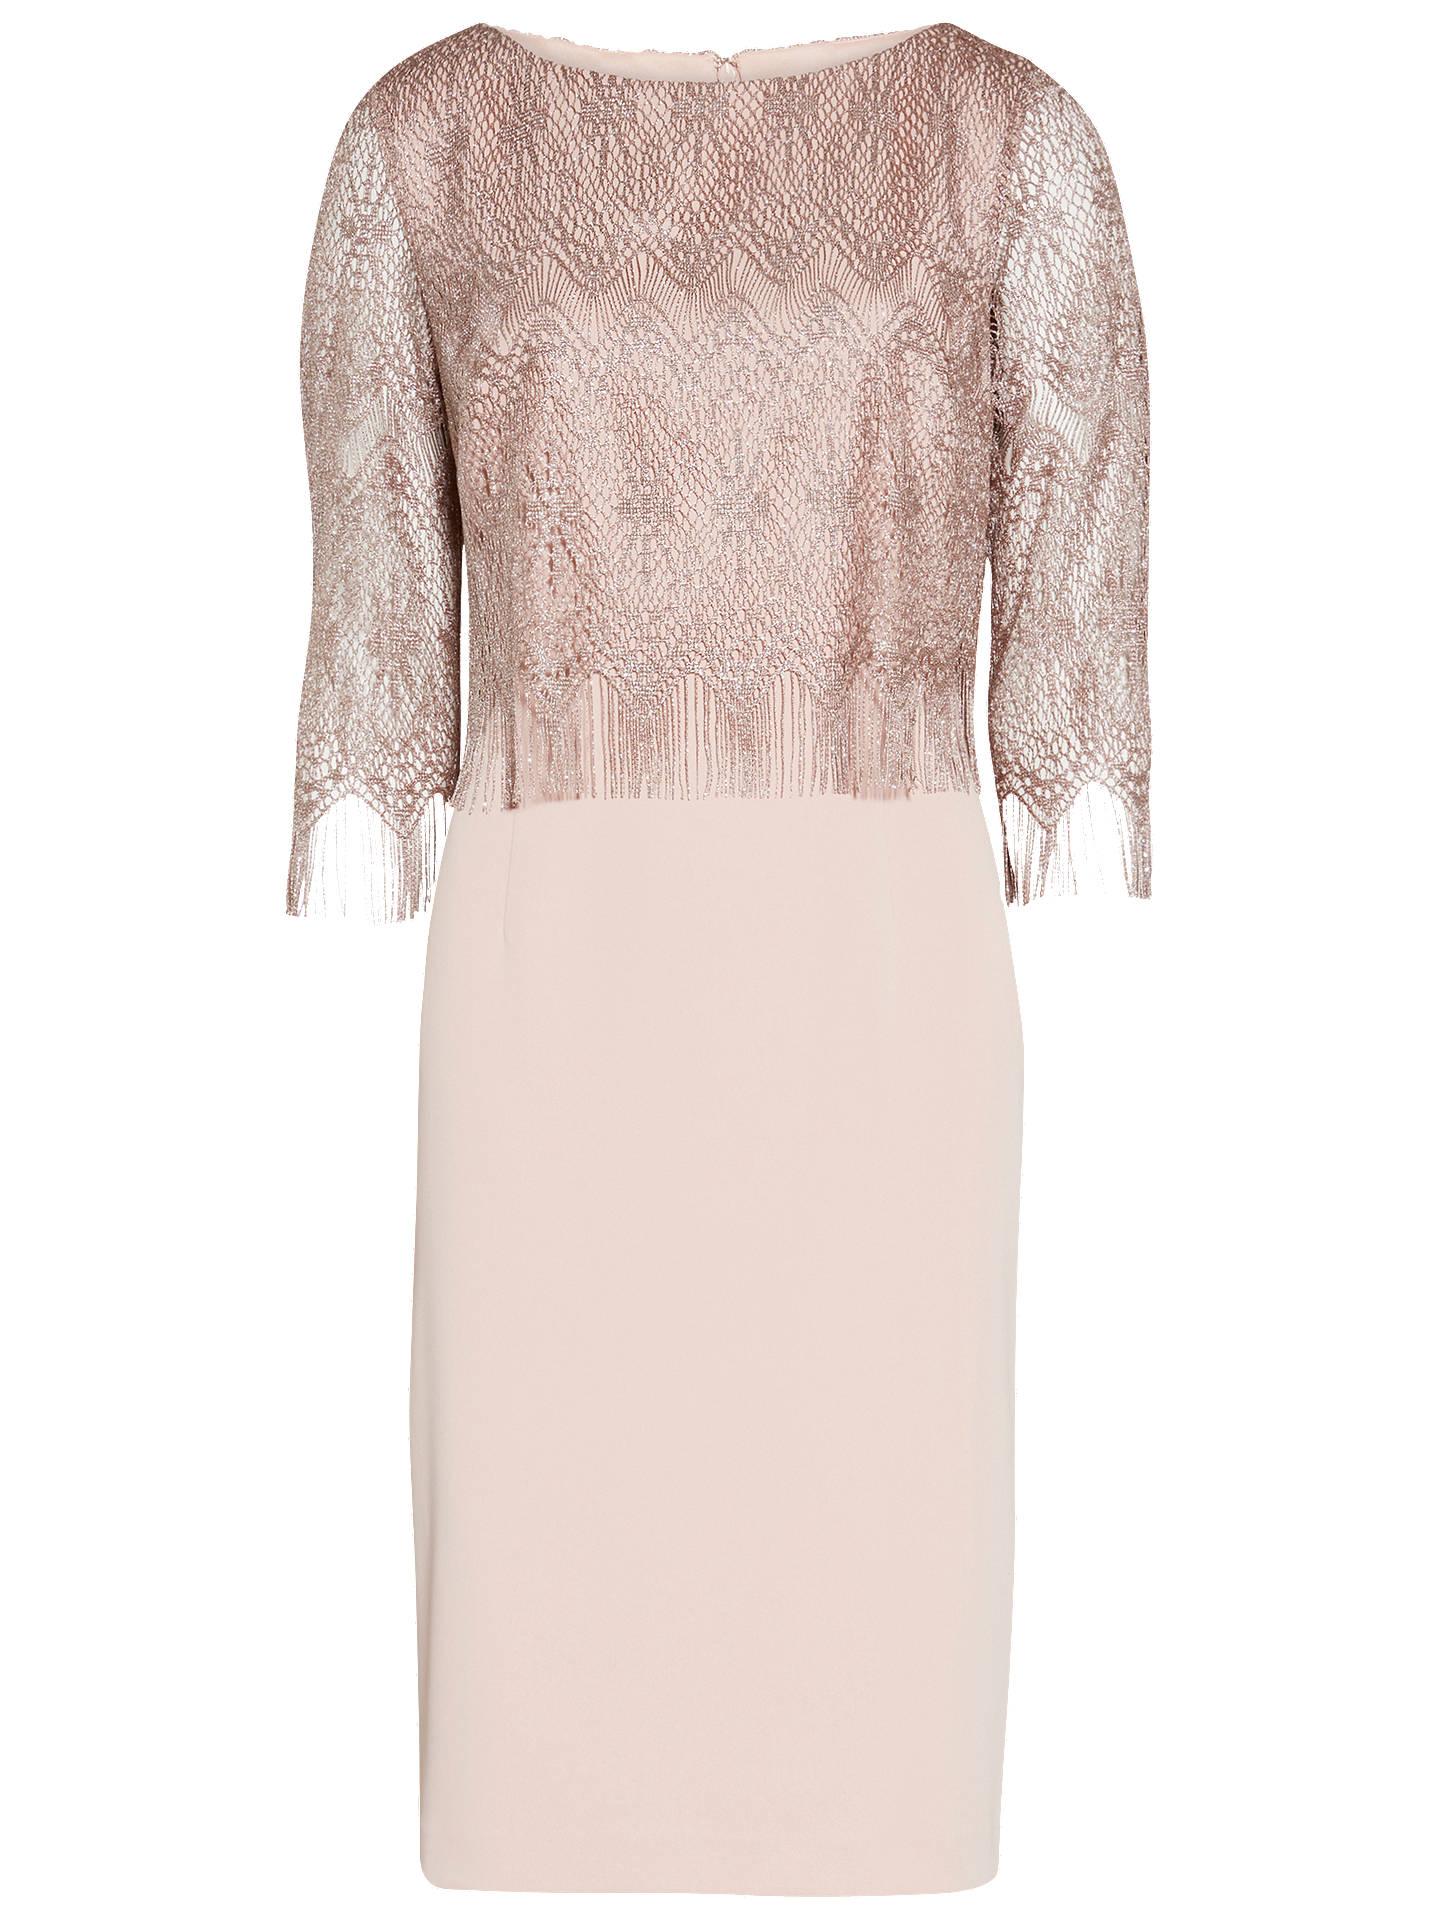 52ed4e08879a BuyGina Bacconi Metallic Vintage Fringe Dress, Stone, 10 Online at  johnlewis.com ...